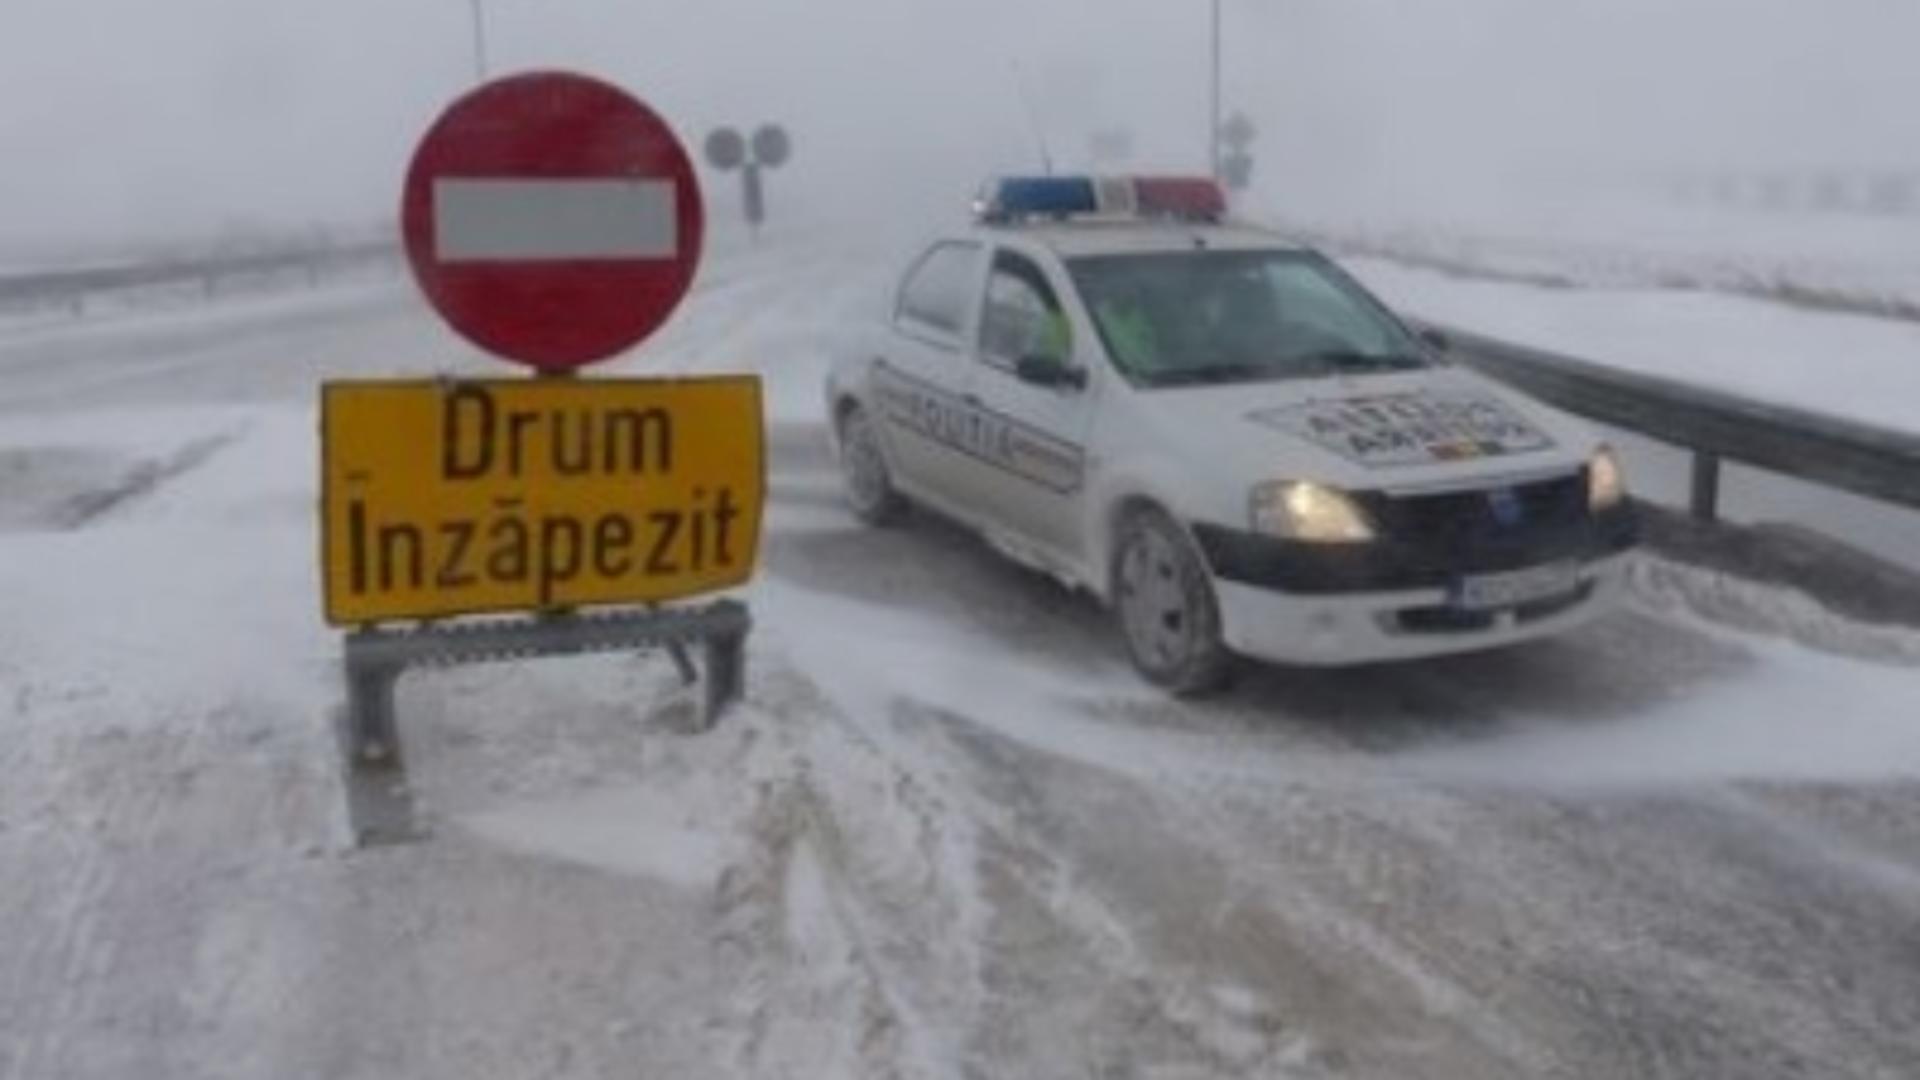 Administrația Națională de Meteorologie a emis o atenționare meteo cod galben de ninsori și viscol